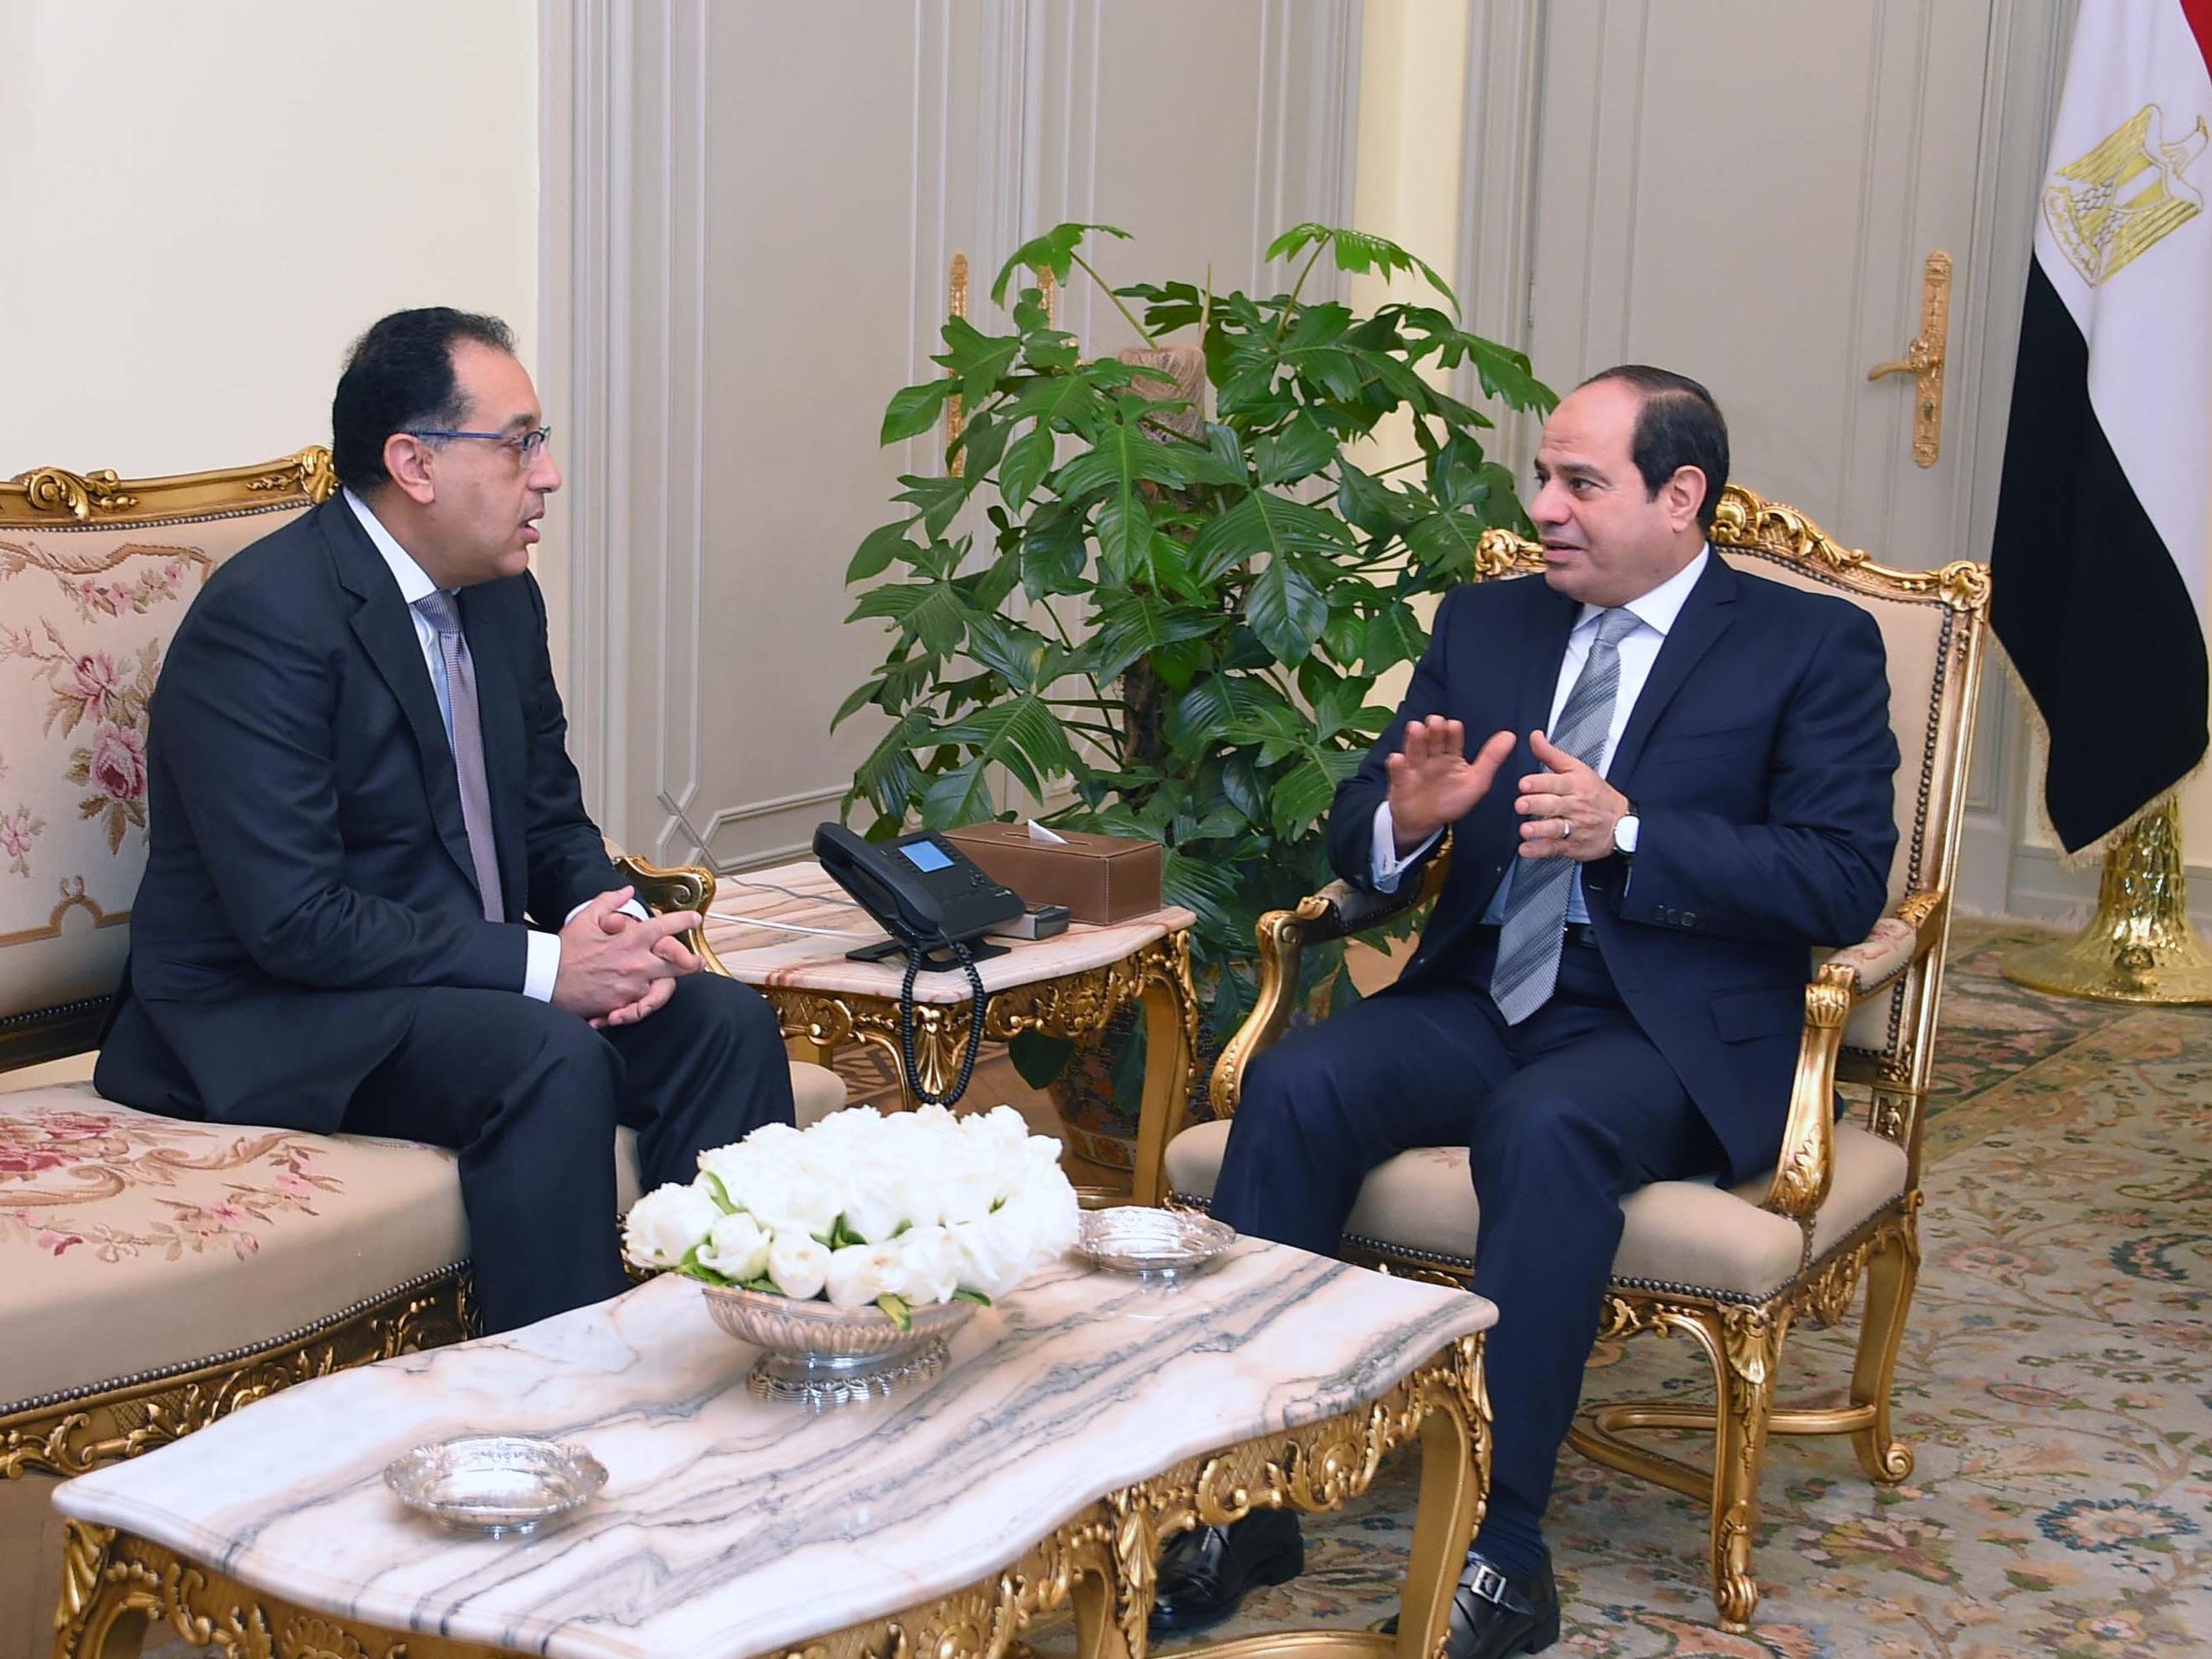 السيسى يبحث مع رئيس الوزراء المشروعات القومية